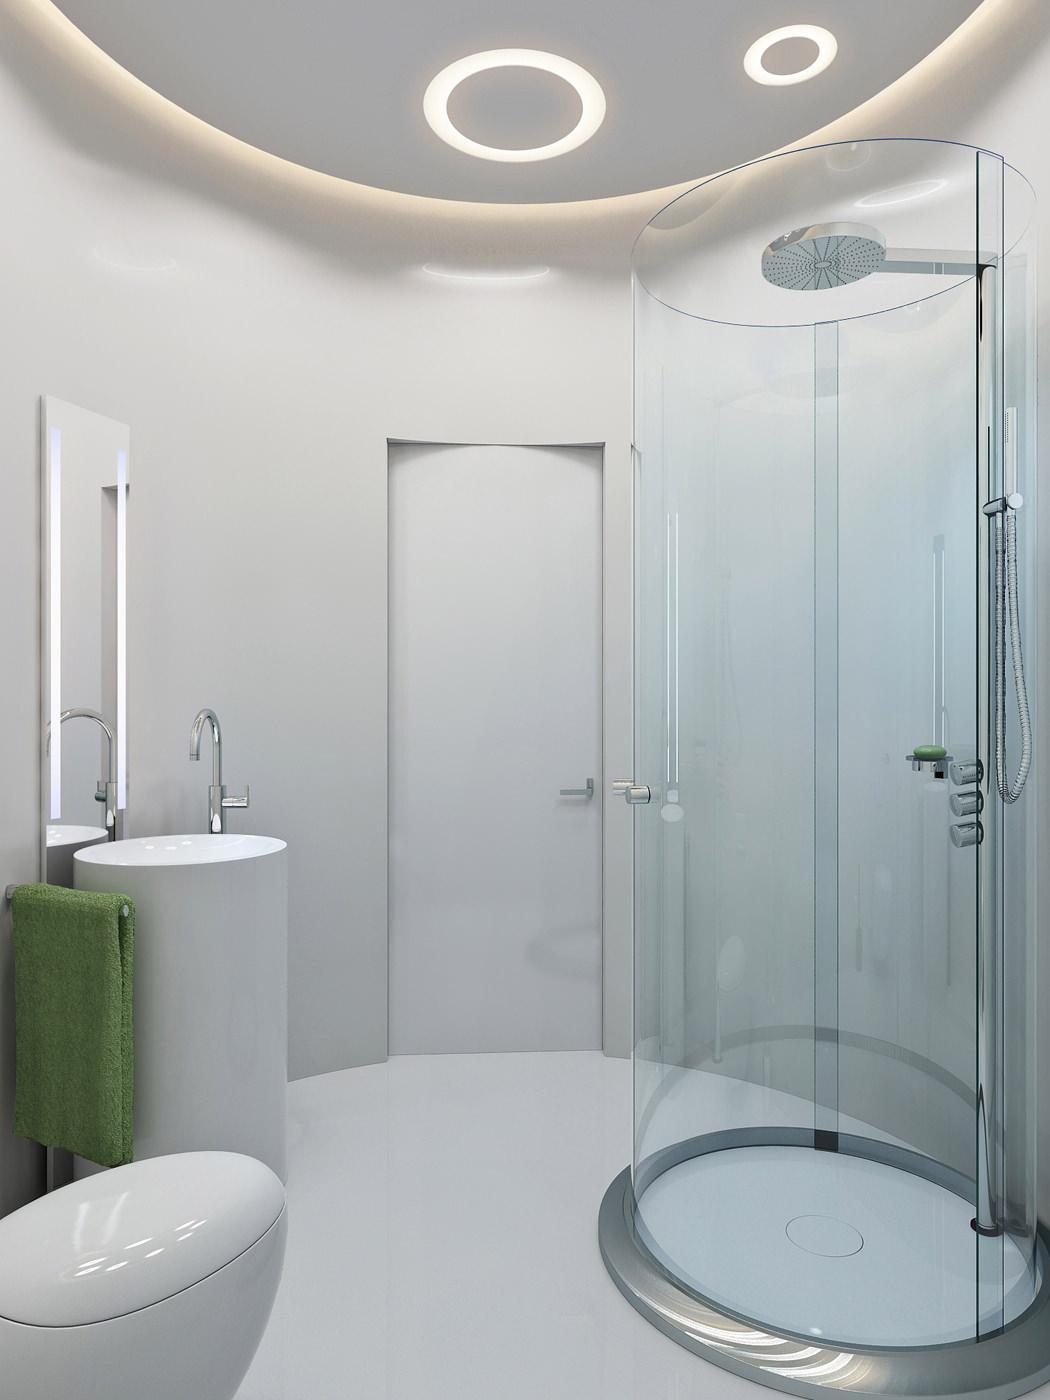 Ceiling Light Over Shower